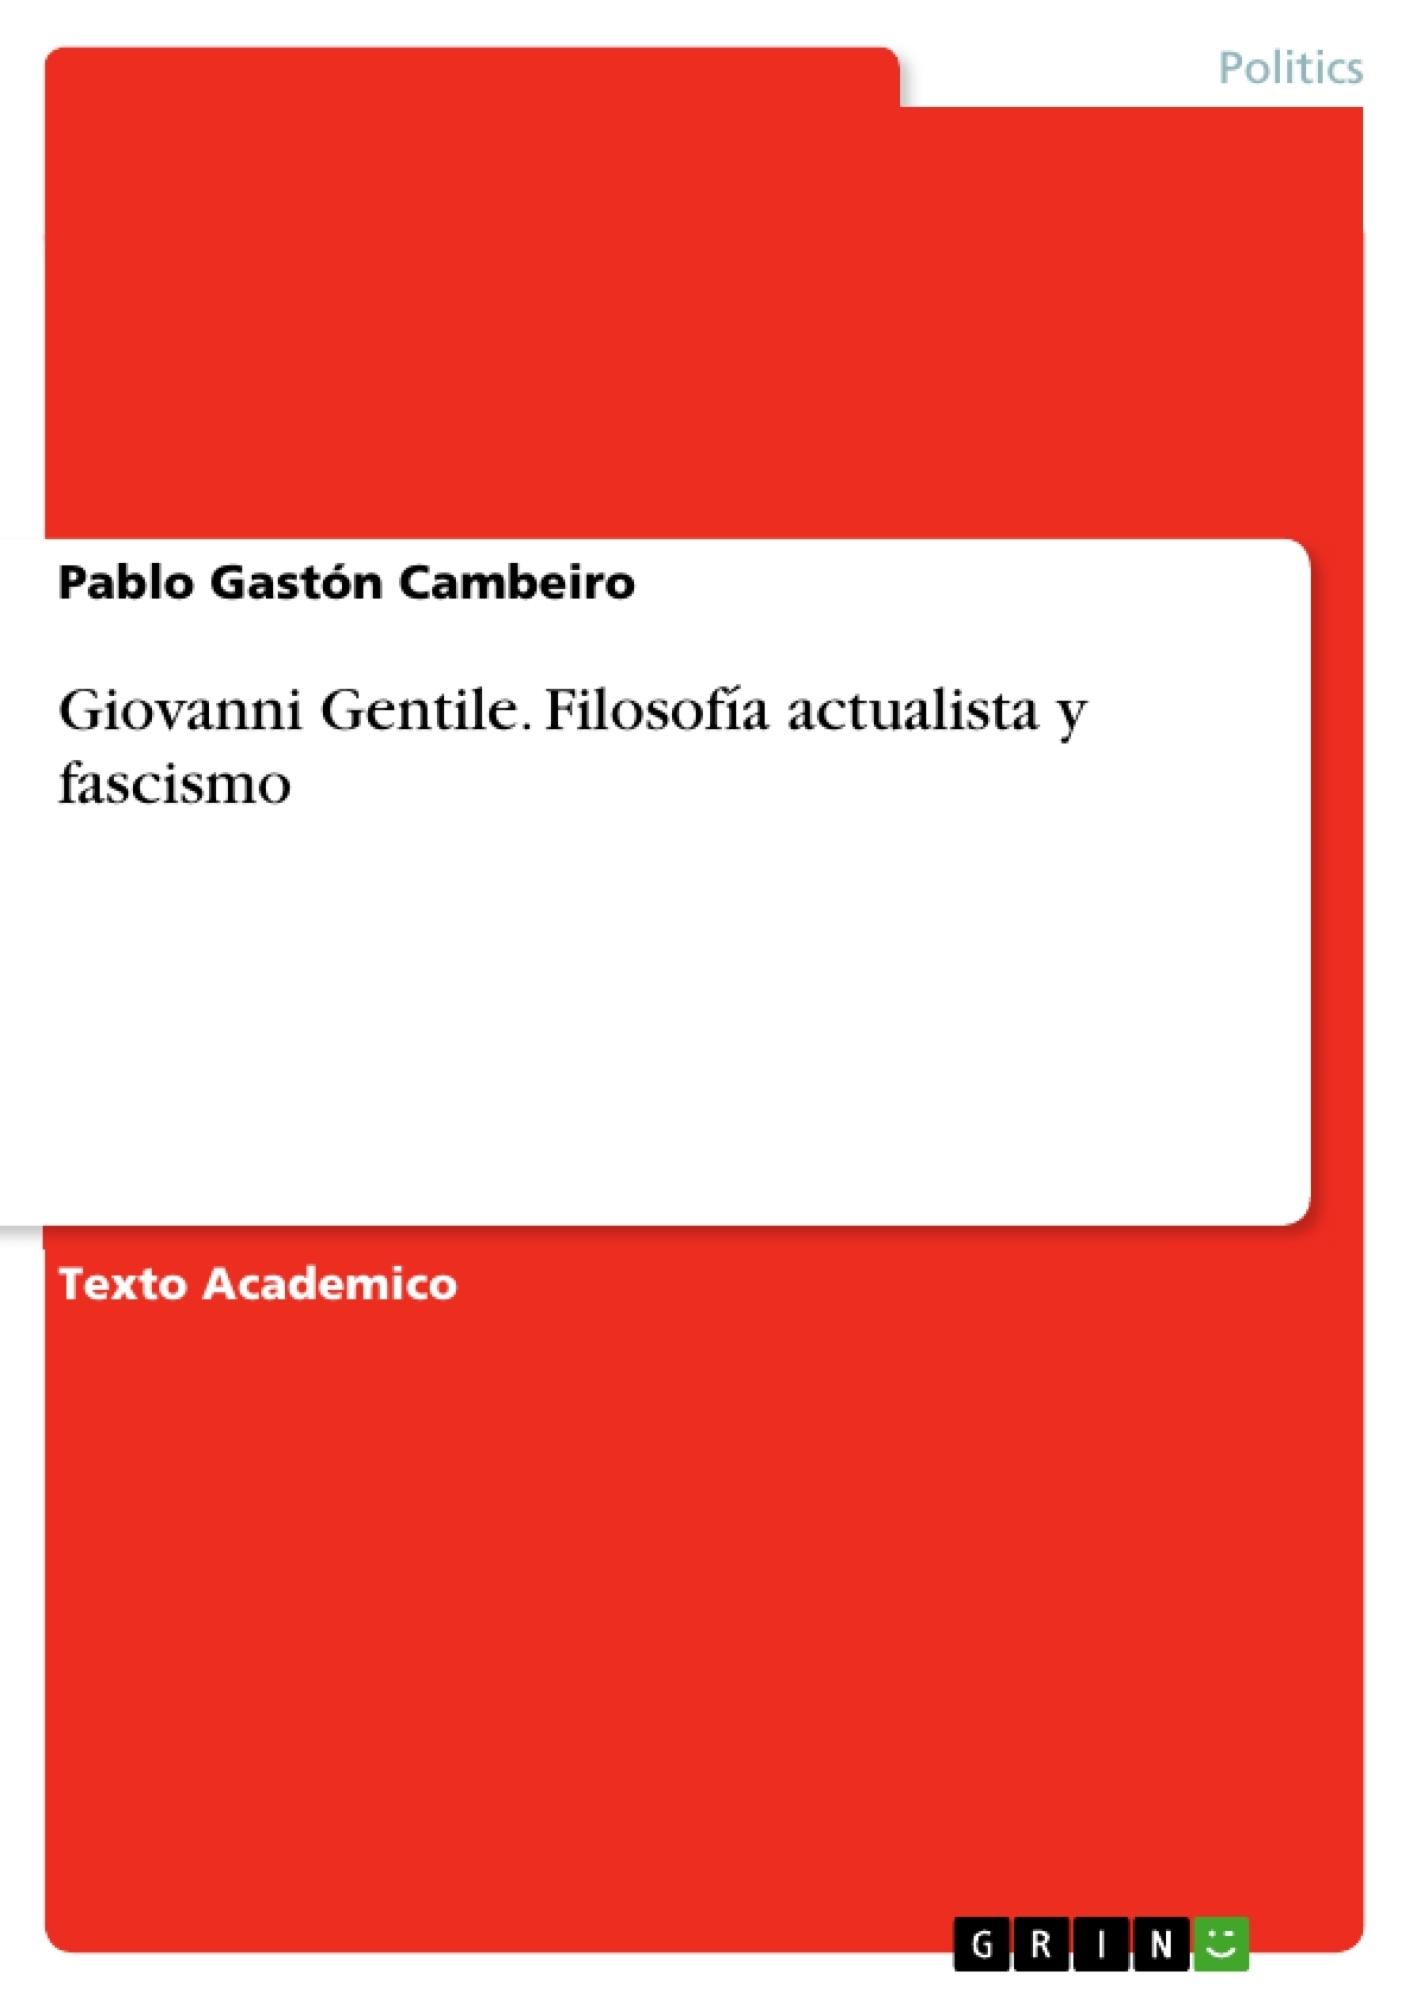 Título: Giovanni Gentile. Filosofía actualista y fascismo